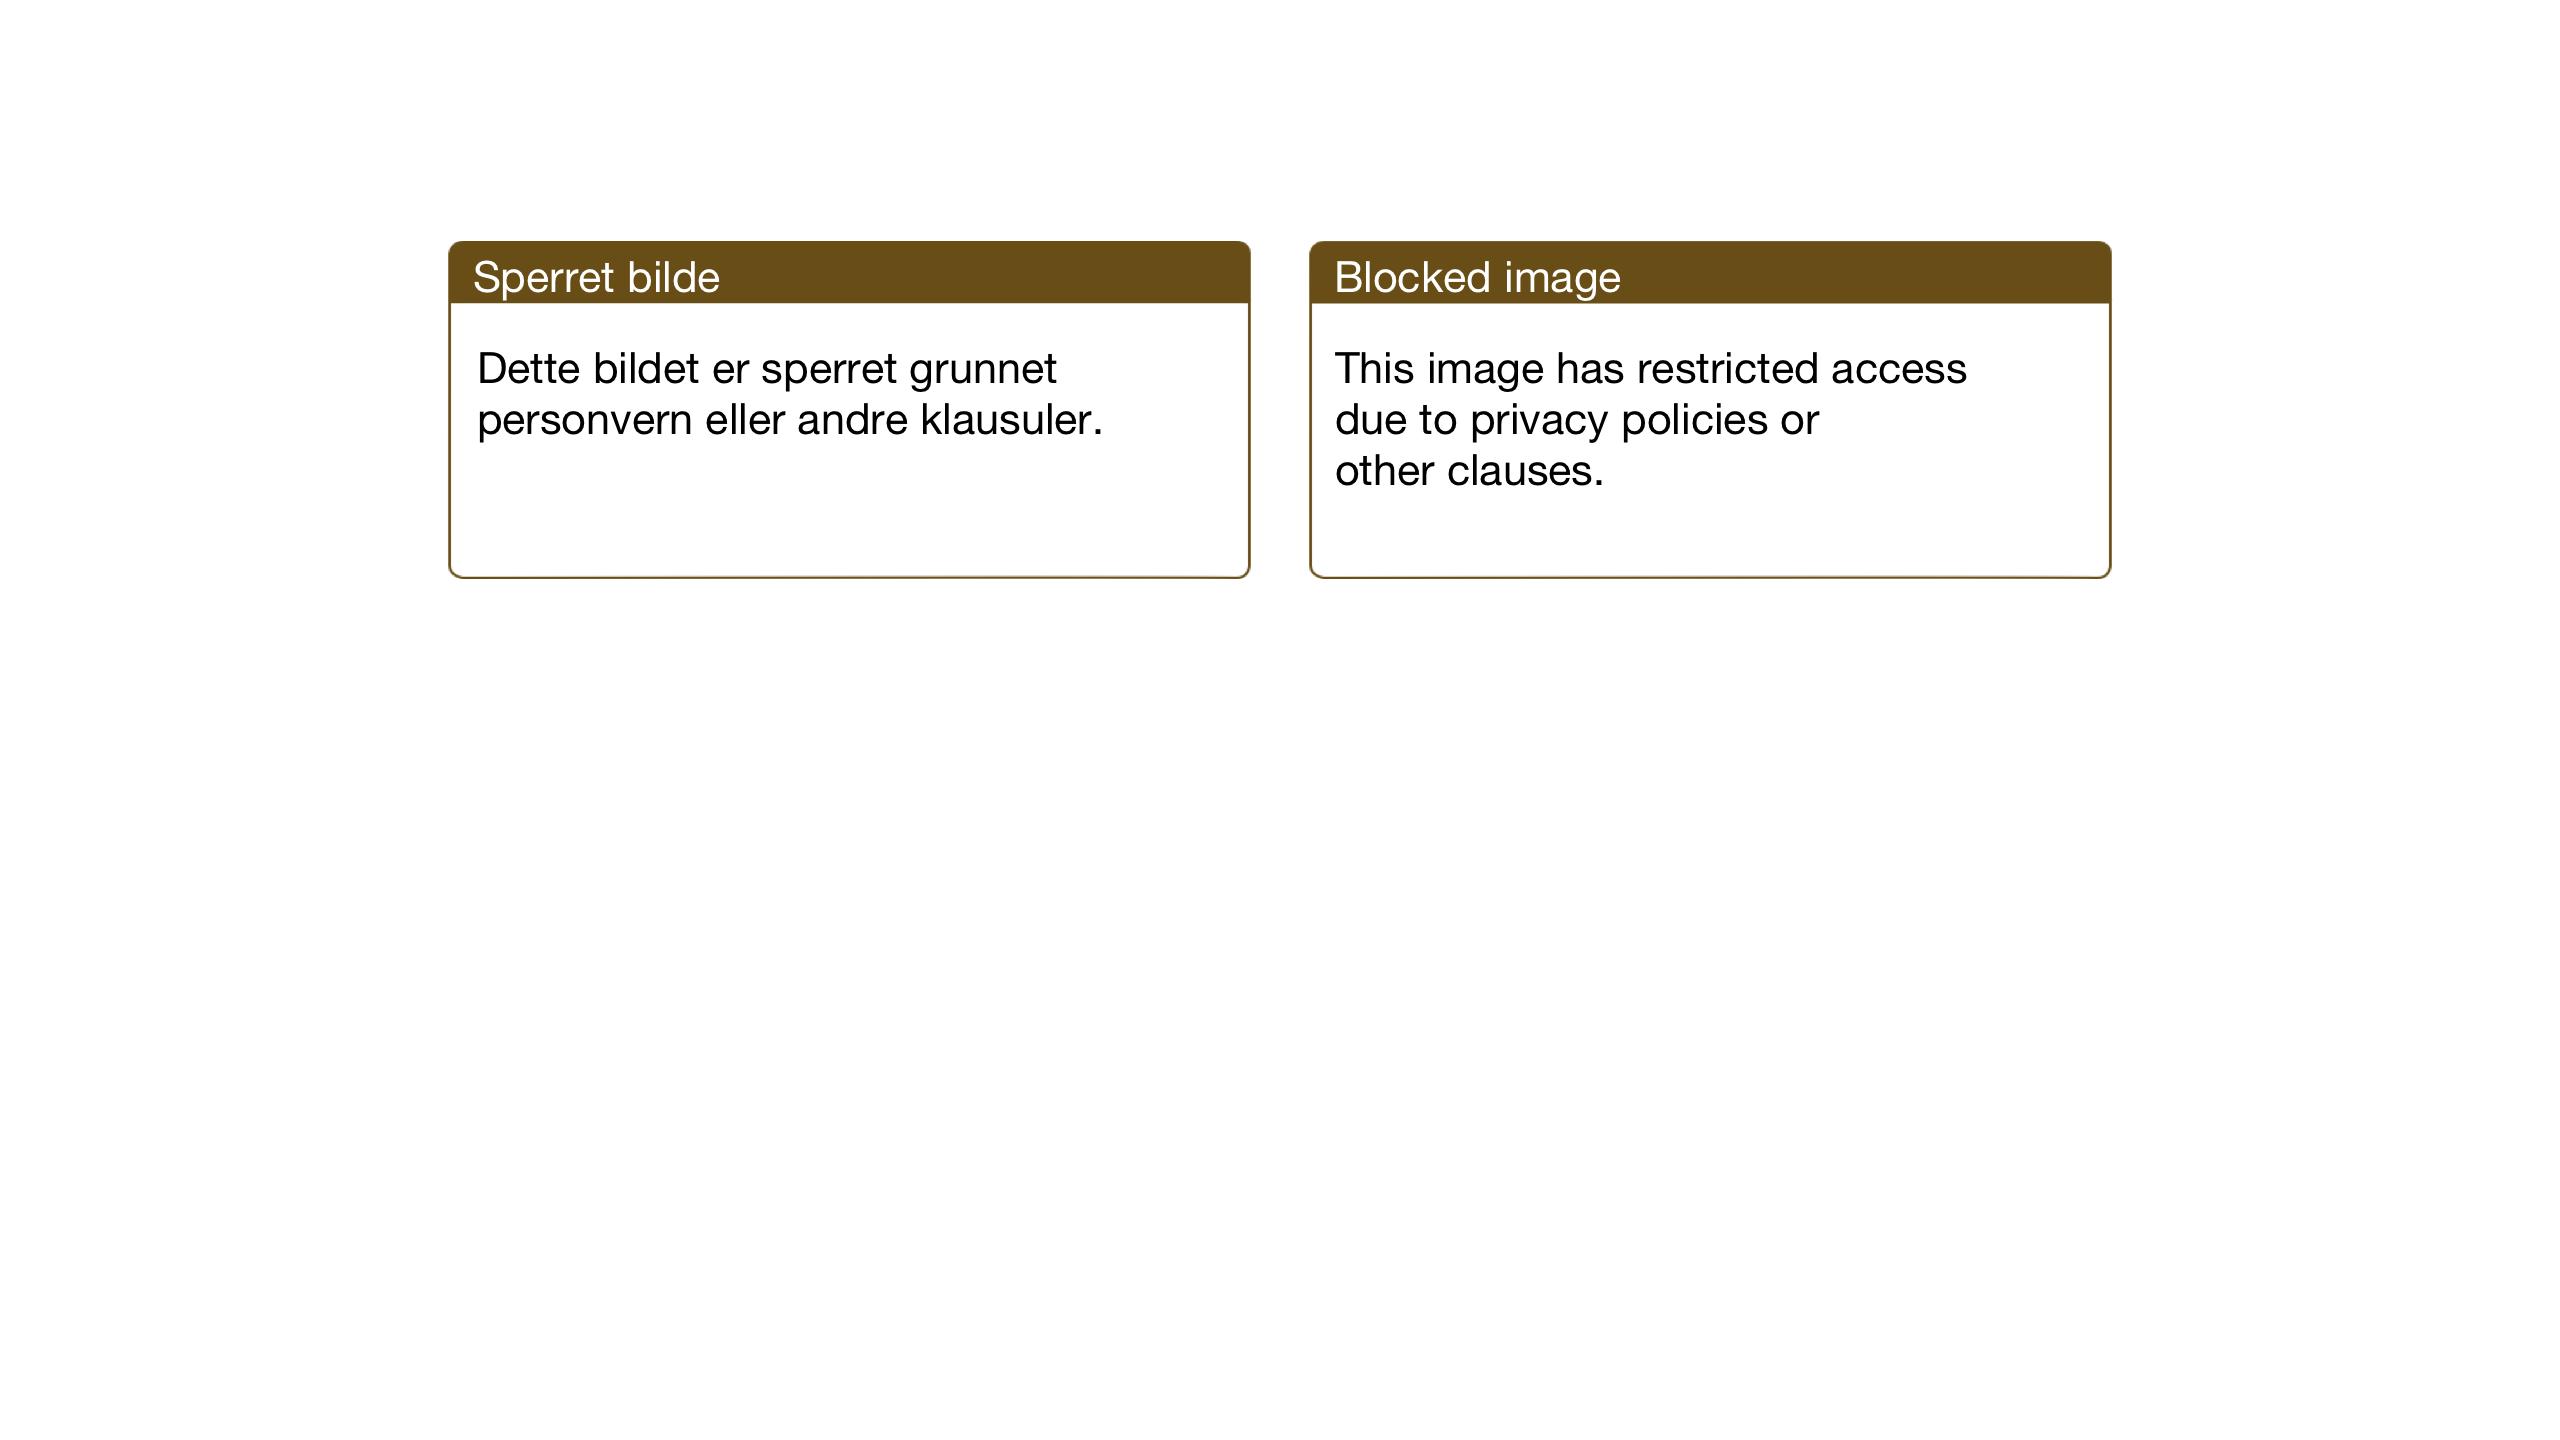 SAT, Ministerialprotokoller, klokkerbøker og fødselsregistre - Sør-Trøndelag, 669/L0832: Klokkerbok nr. 669C02, 1925-1953, s. 159